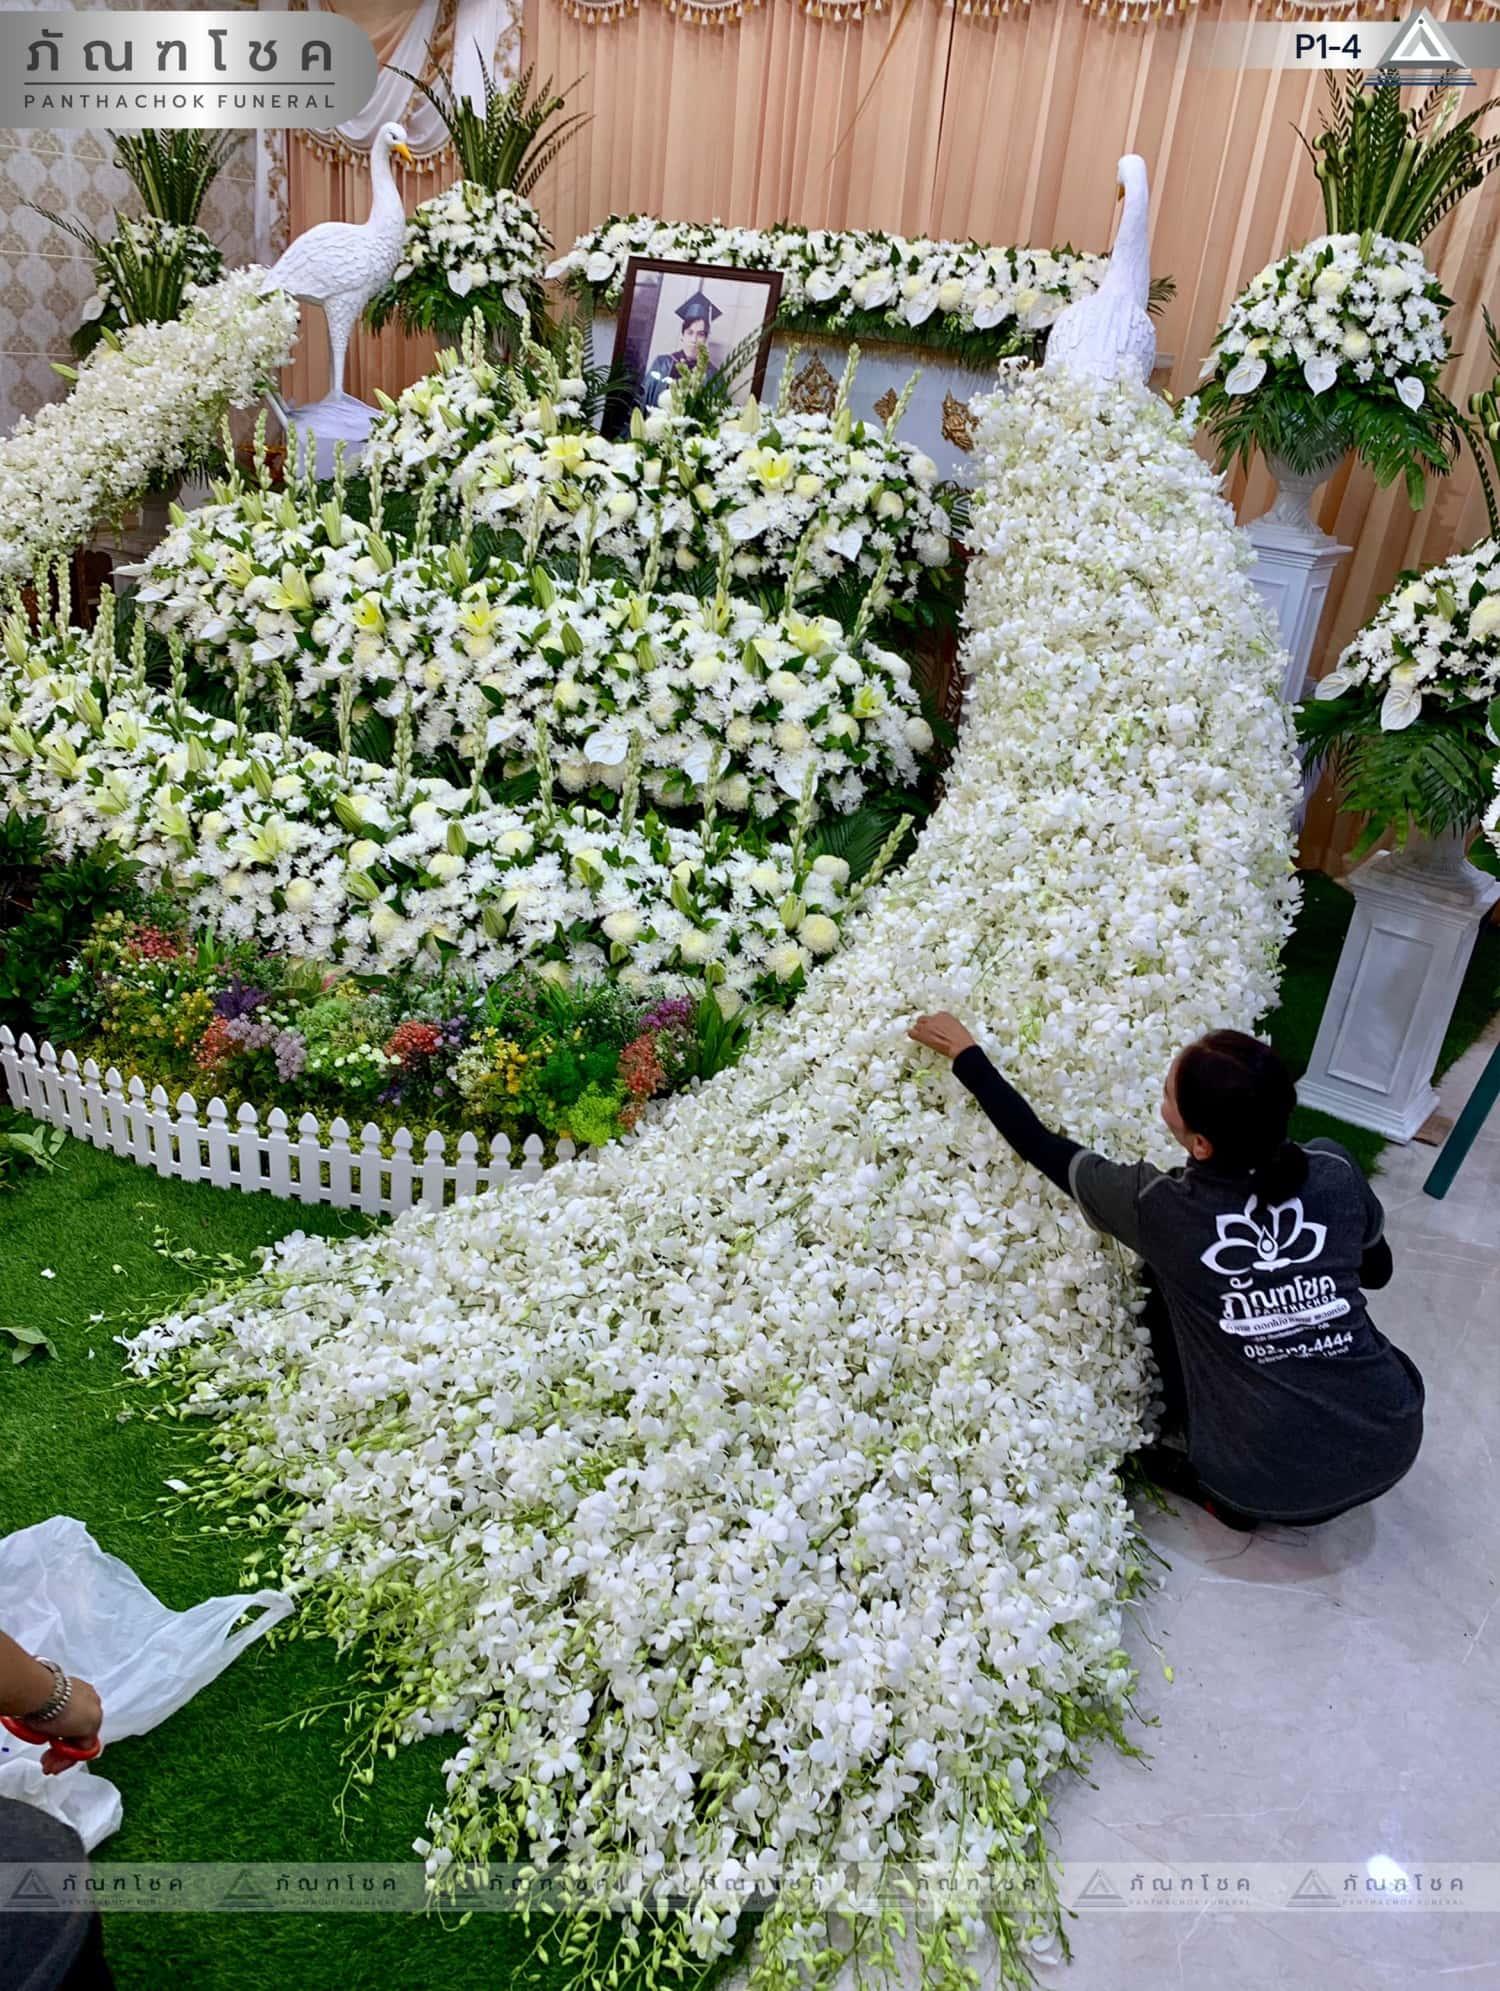 ดอกไม้หน้าศพ ชุด P1-4 78